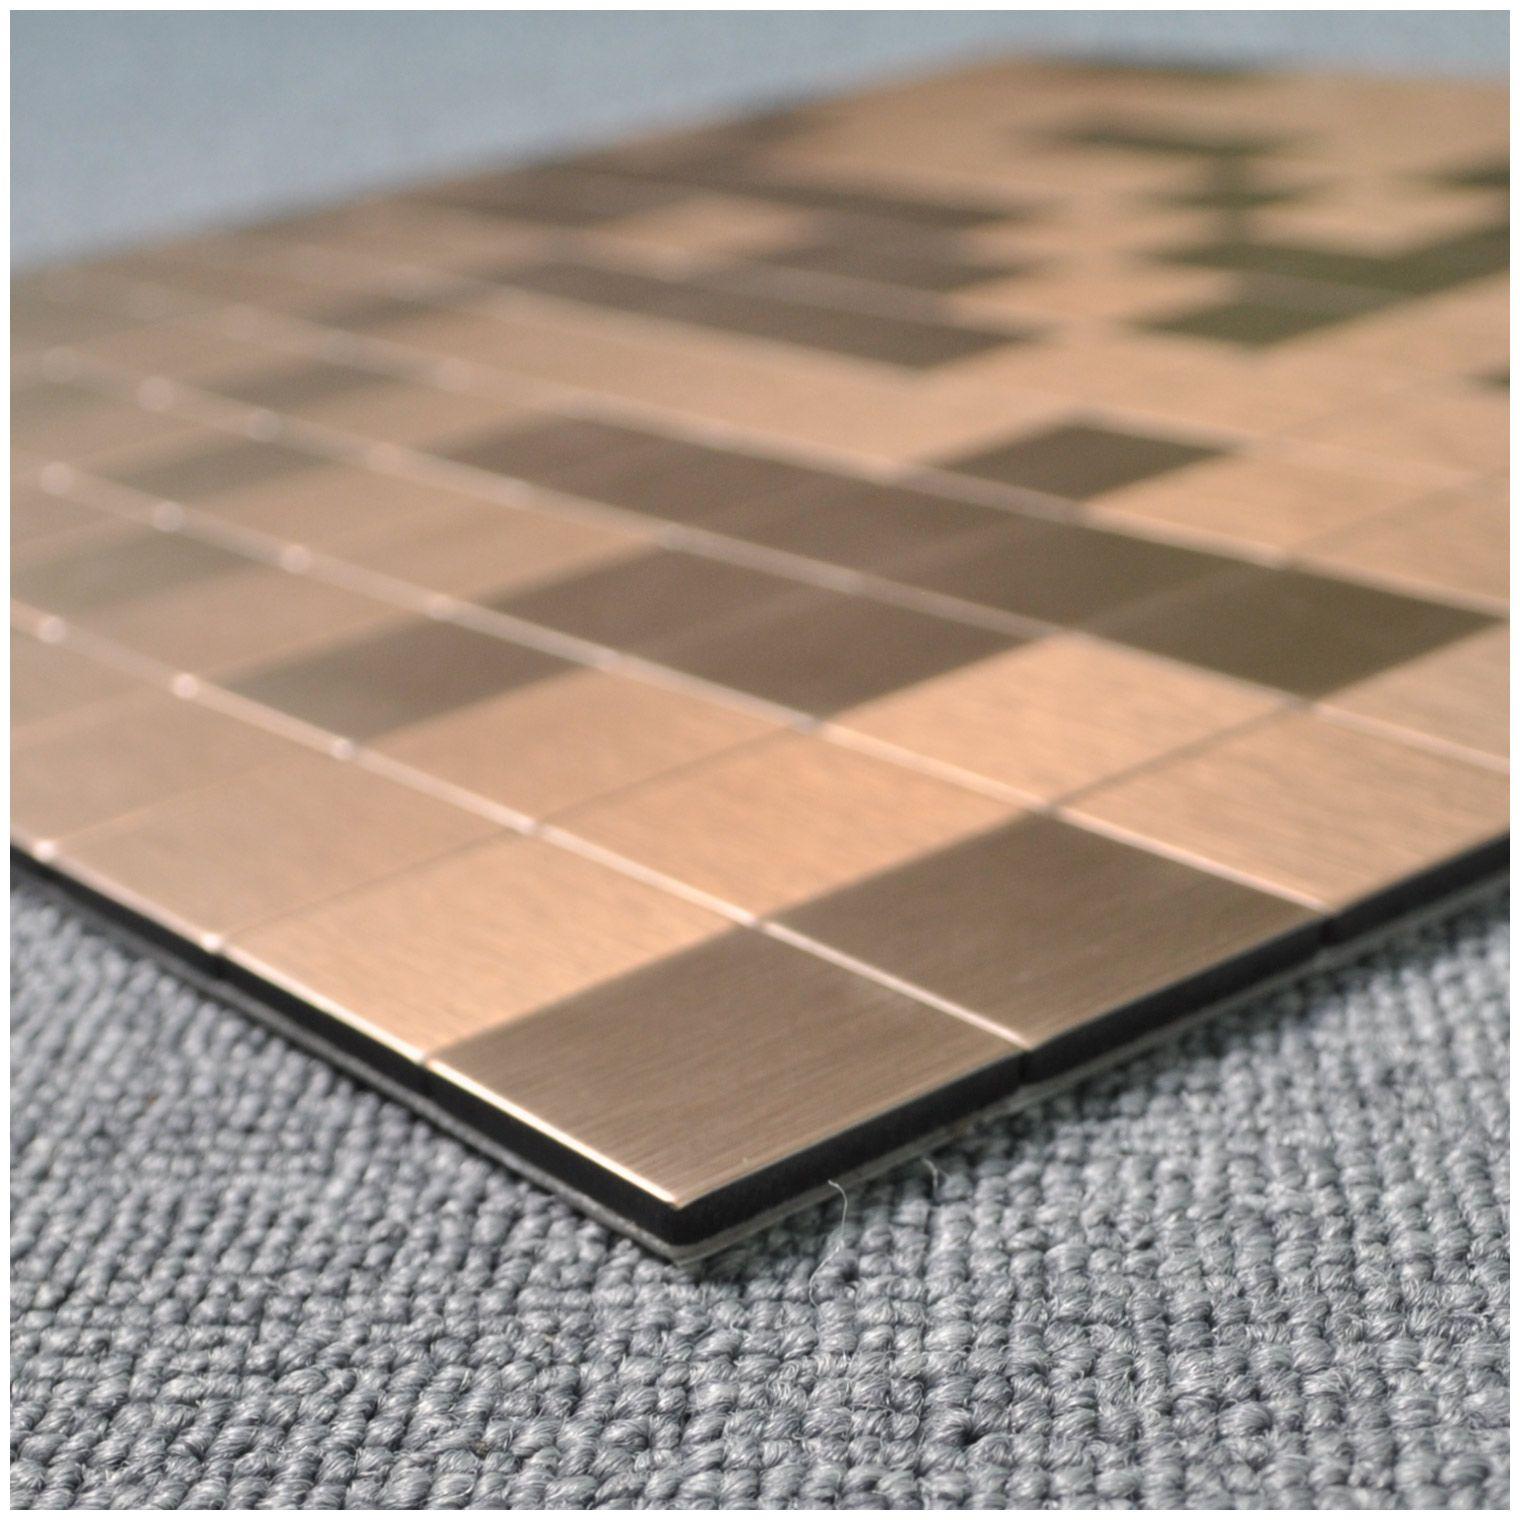 - Peel & Stick Metal Tiles For Kitchen Backsplashes, Copper Brushed